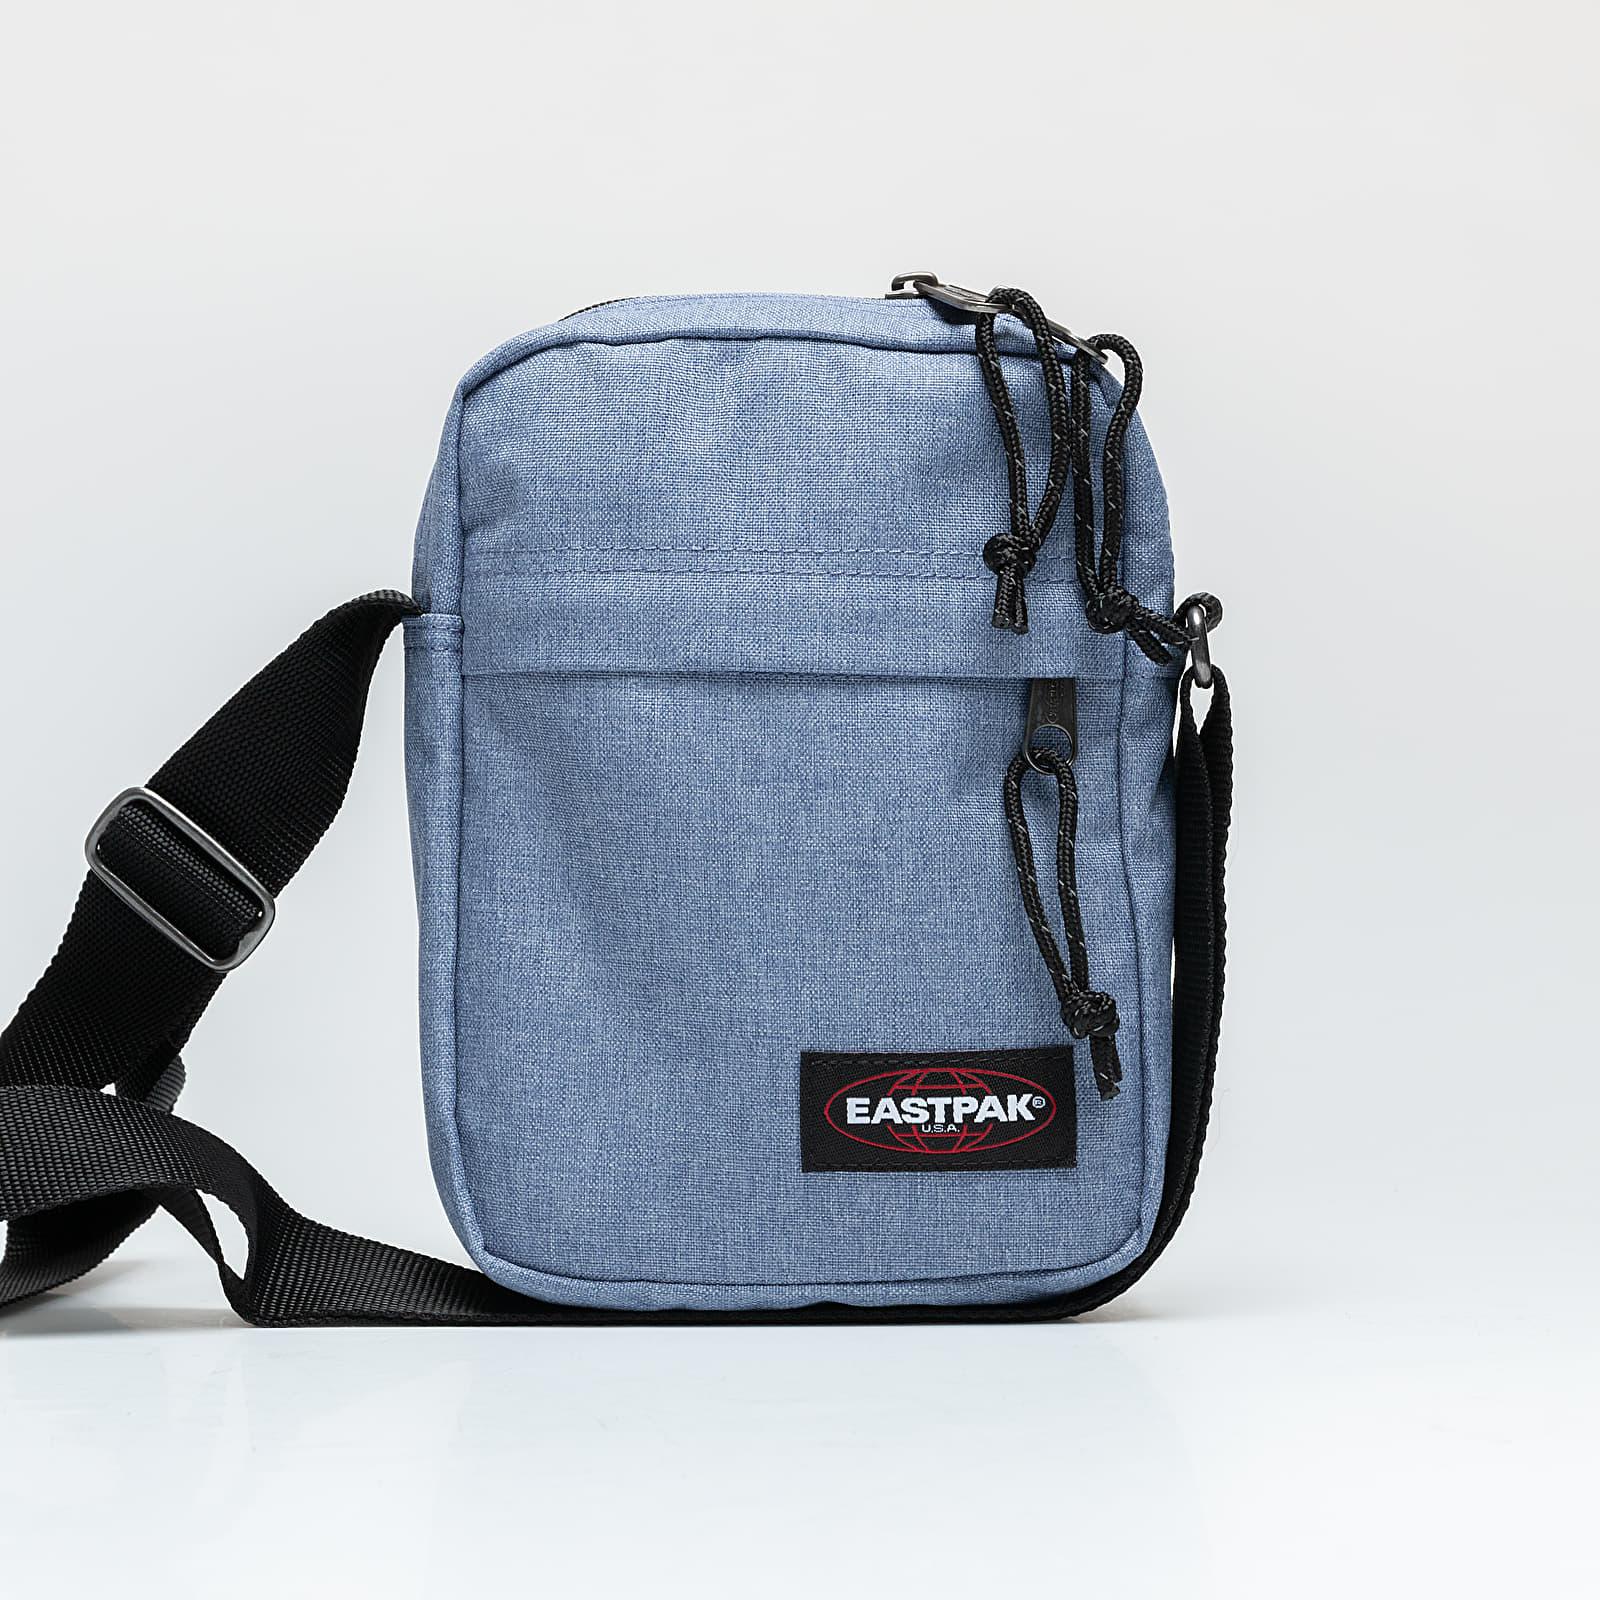 Tašky přes rameno EASTPAK The One Shoulder Bag Crafty Jeans